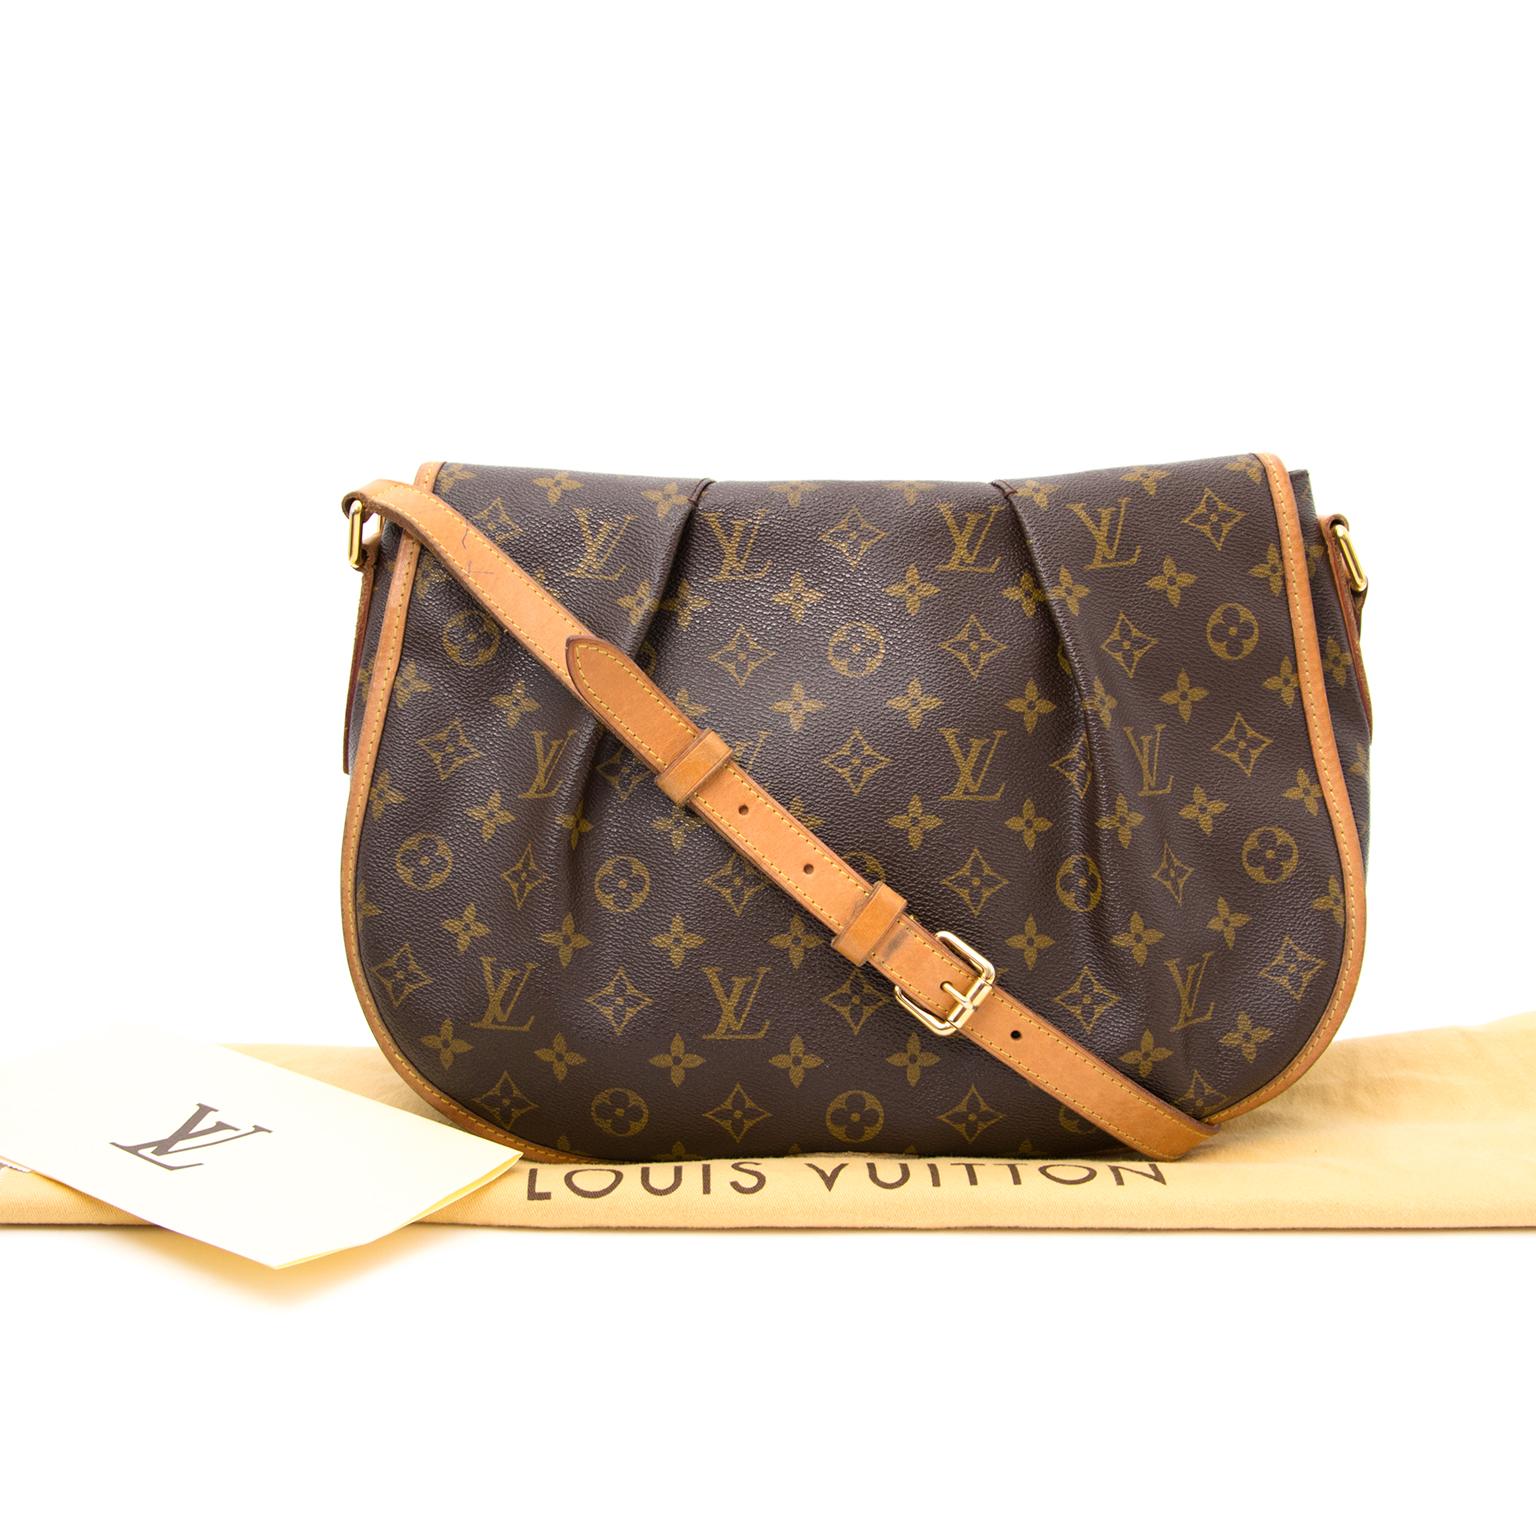 5c325287887 ... Louis Vuitton Menilmontant en ligne chez labellov.com pour le meilleur  prix